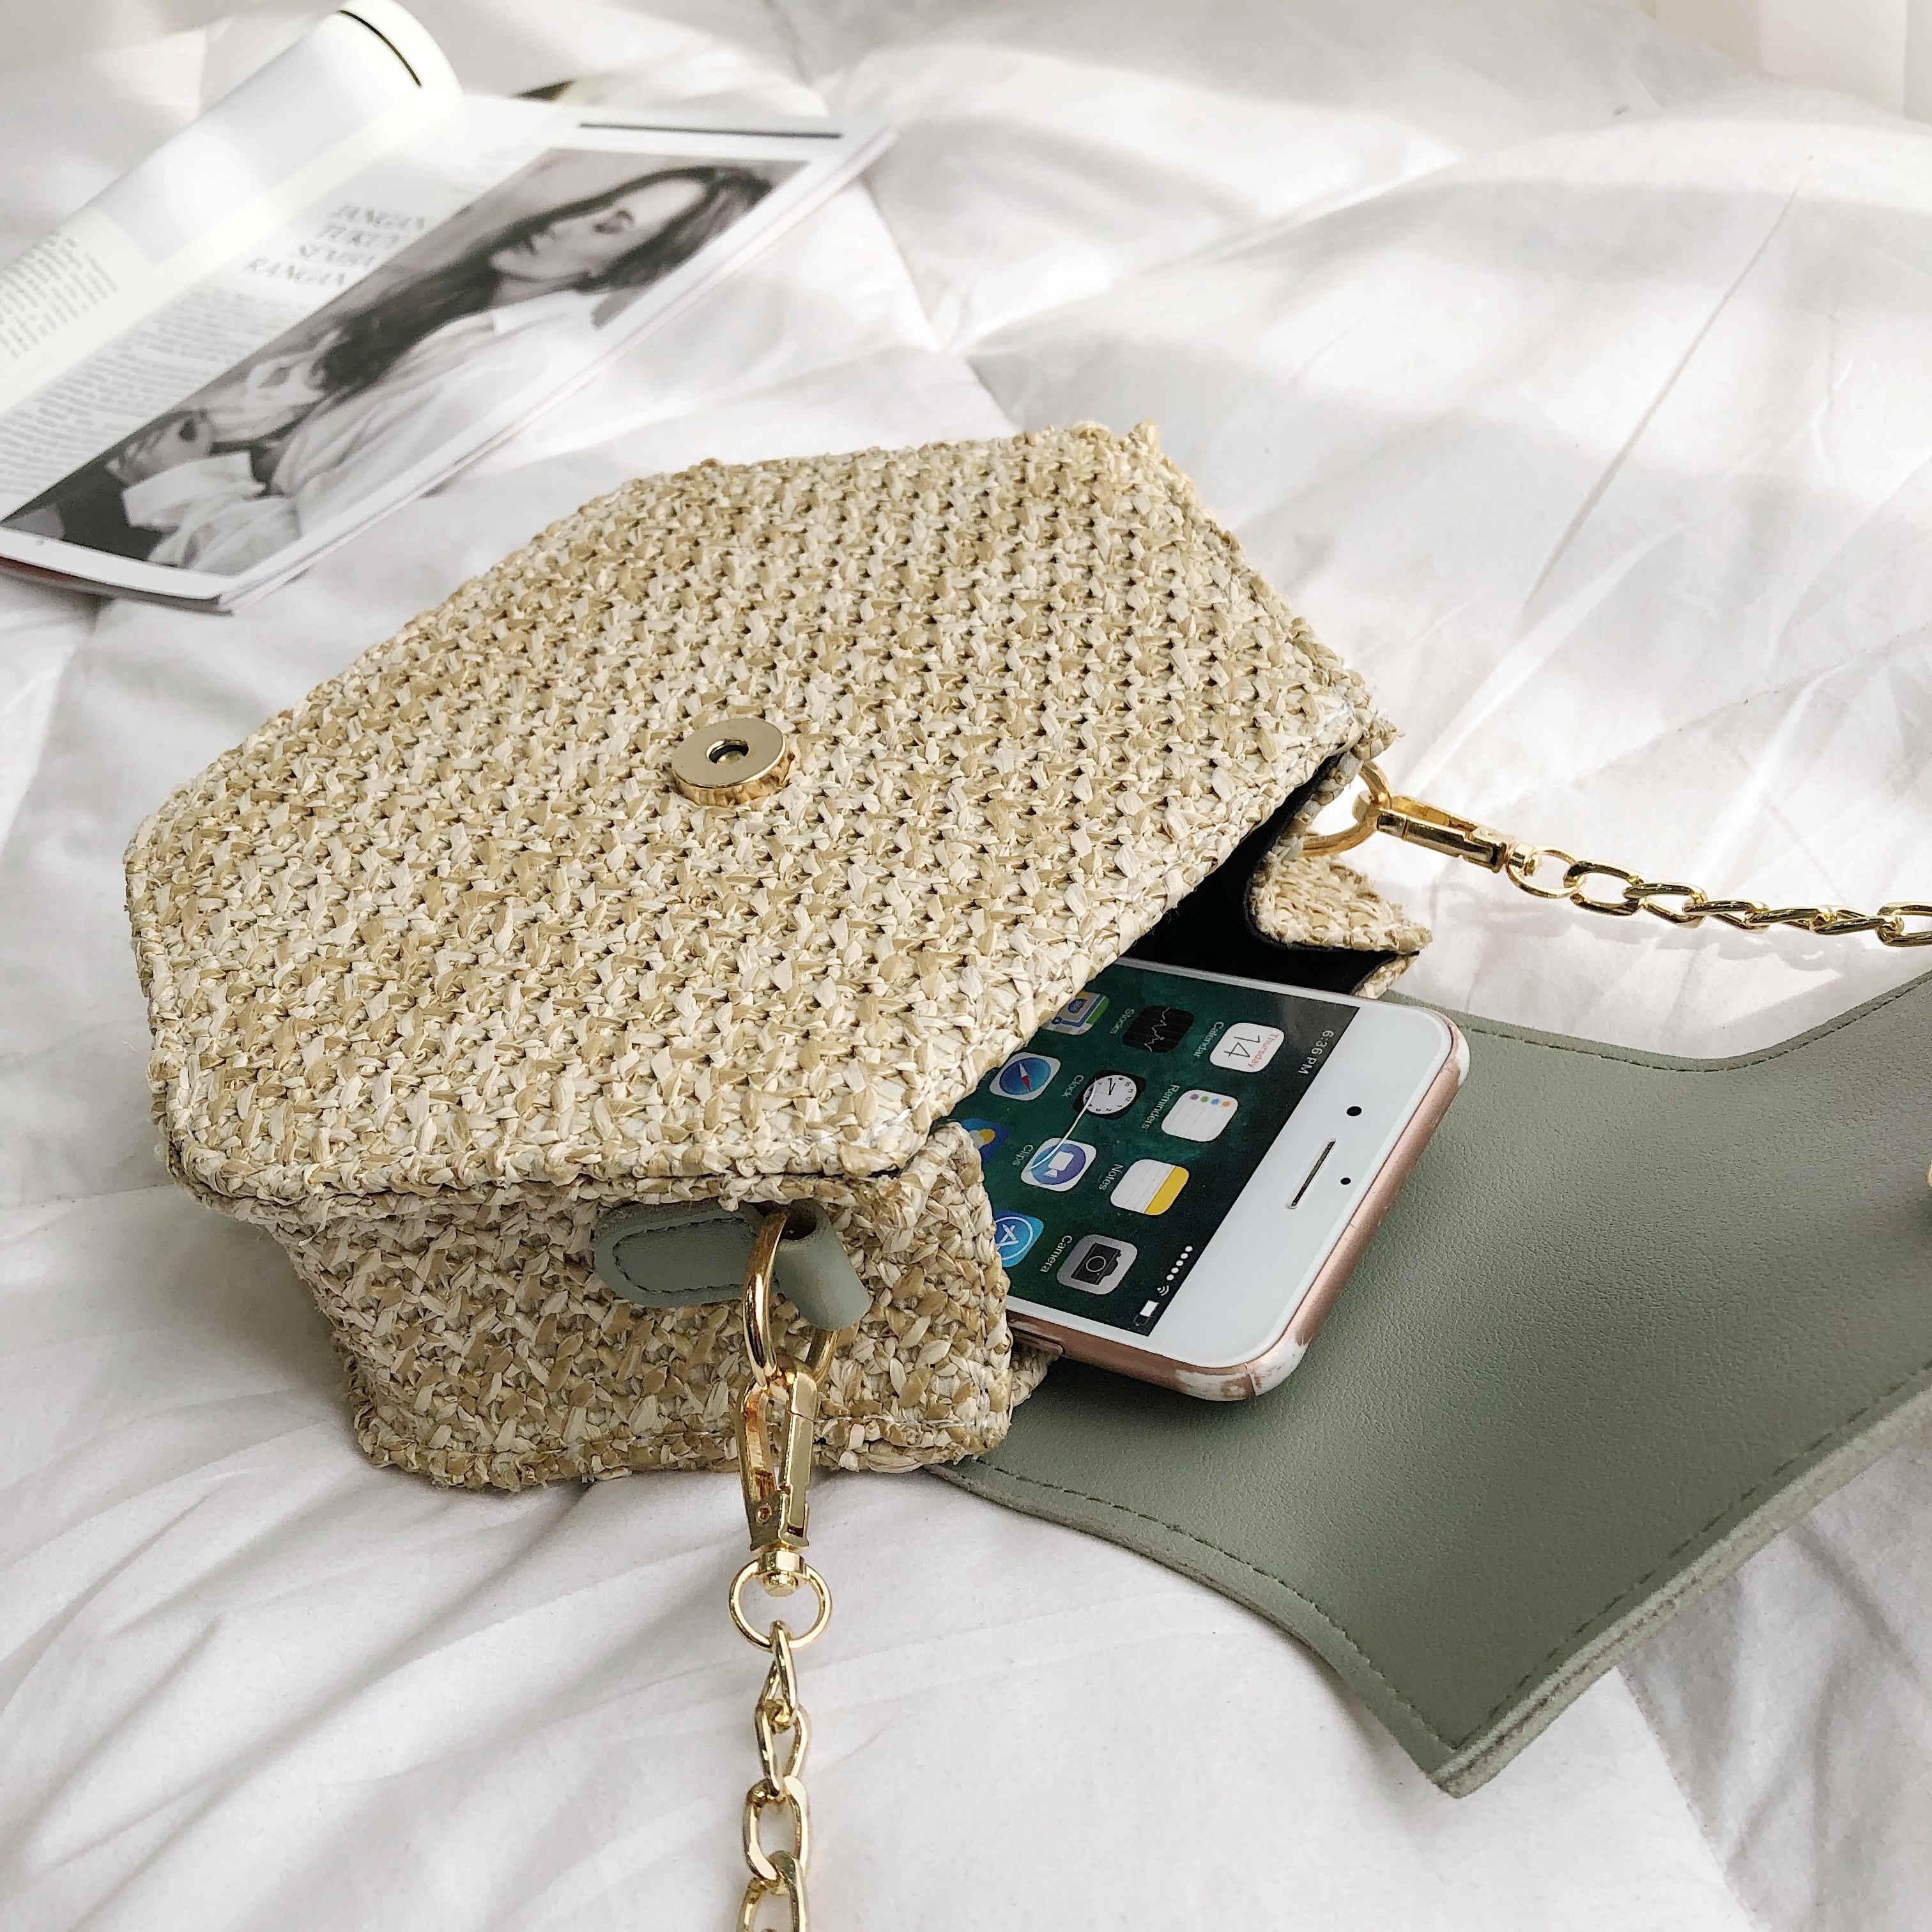 משושה Mulit סגנון קש + עור תיק נשים קיץ קש תיק בעבודת יד ארוג חוף בוהמה המעגל כתף תיק חדש אופנה